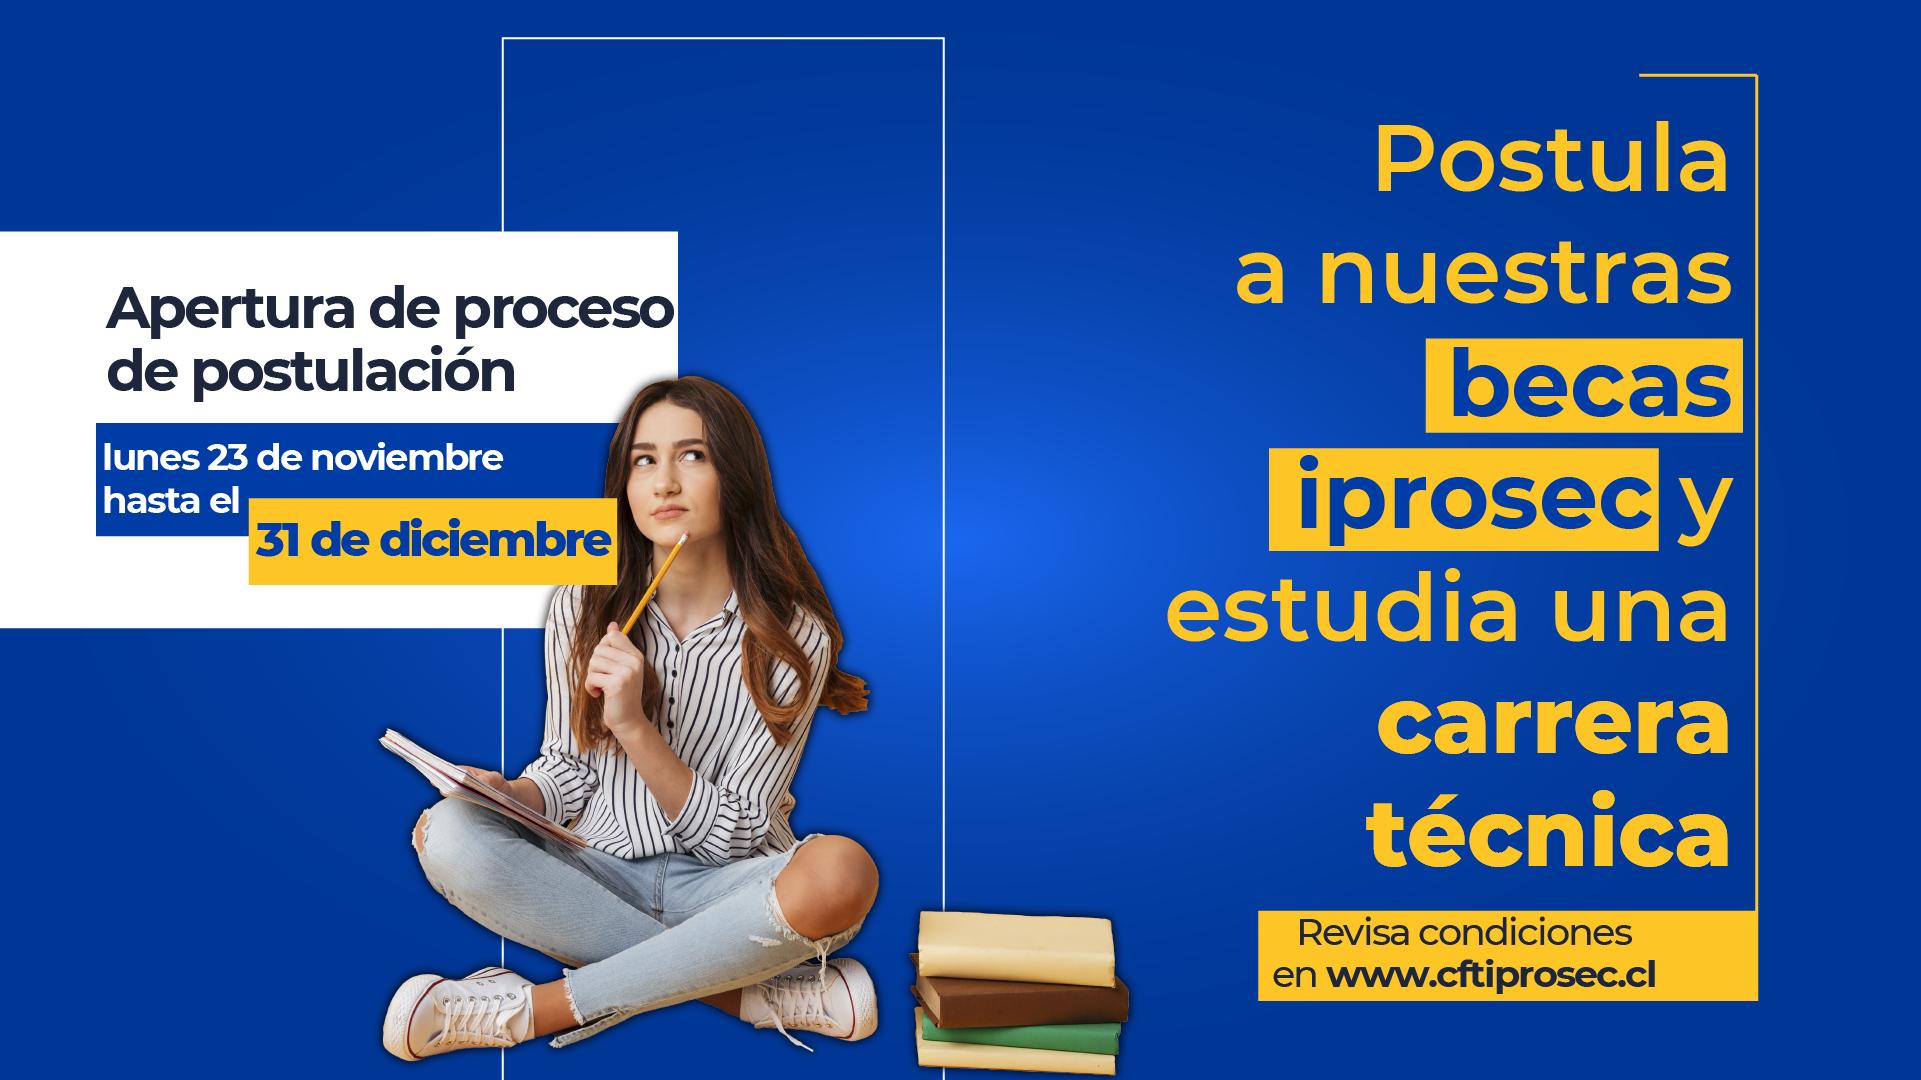 ¡Ven y postula al 1er Proceso de becas IPROSEC para estudiantes de 1er año! Hasta el 31 de diciembre